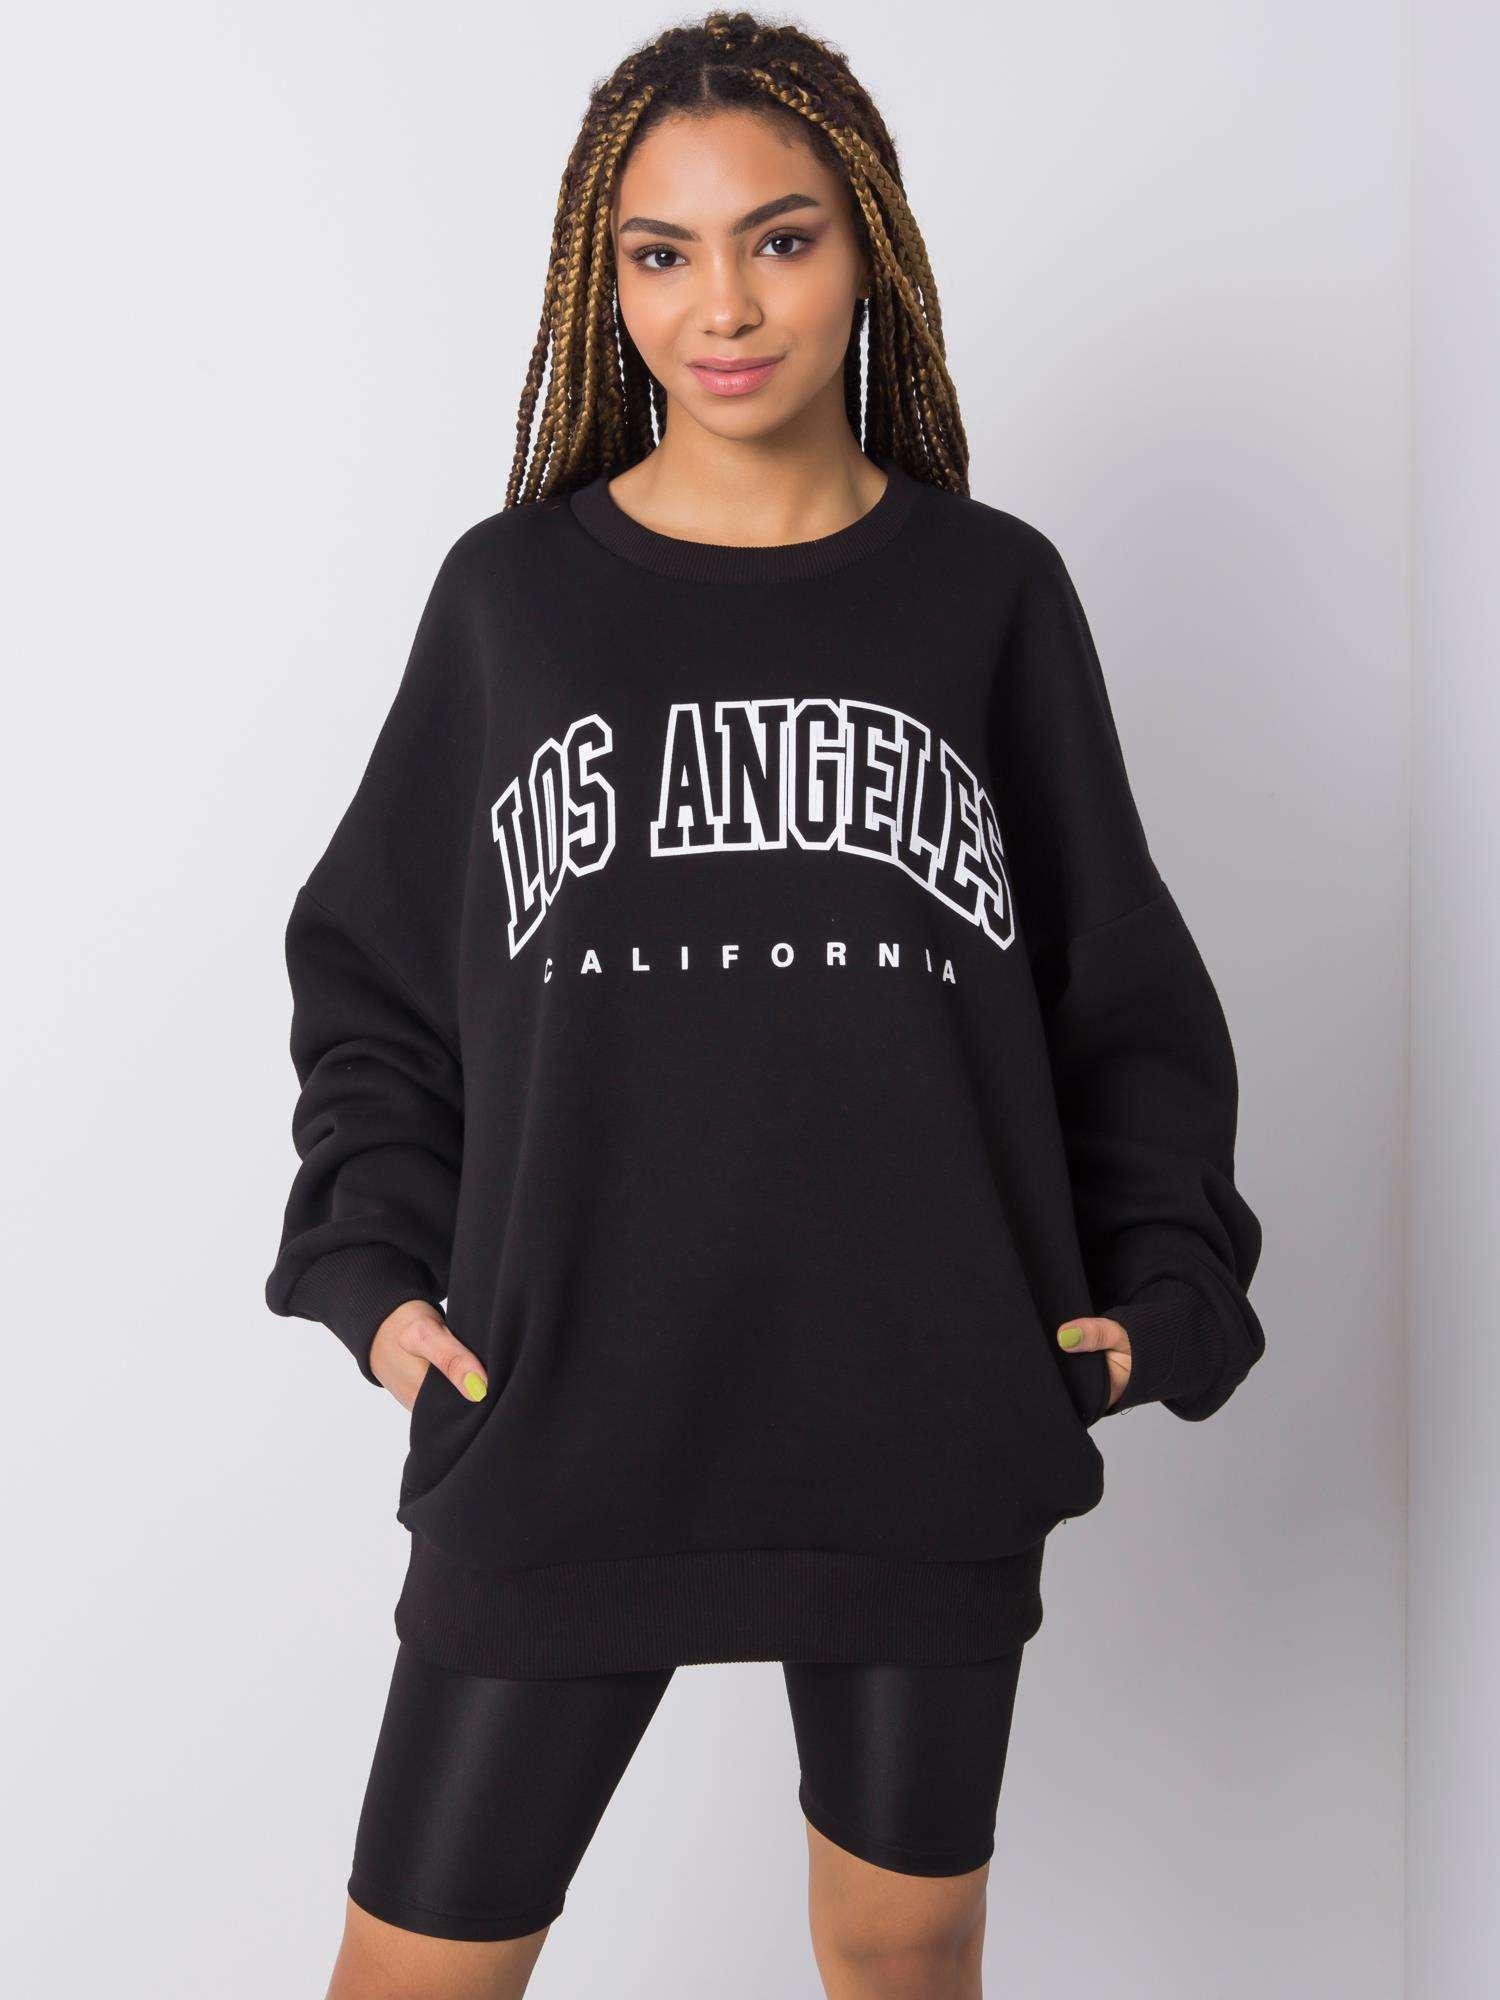 Sweatshirt in Schwarz mit Aufdruck Komplettansicht